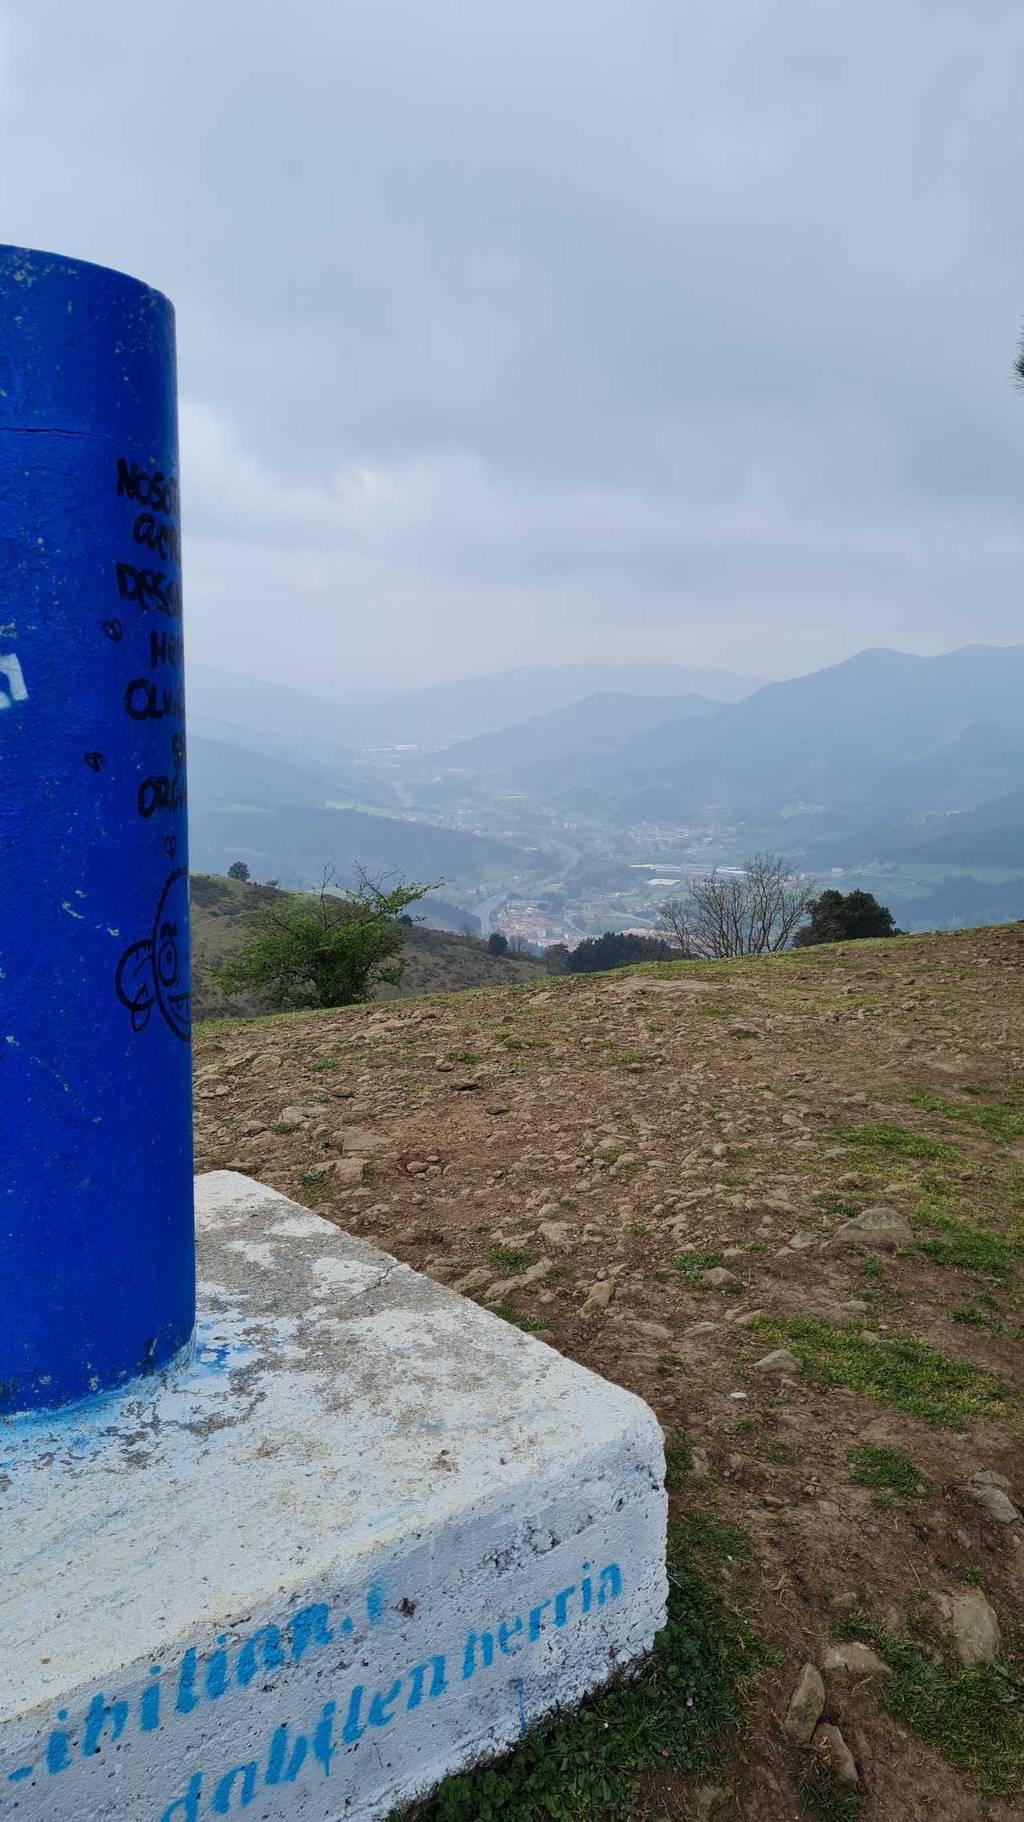 Iñigo Santxo Monzon erabiltzailea Artanda puntan, 2021-04-03 13:06